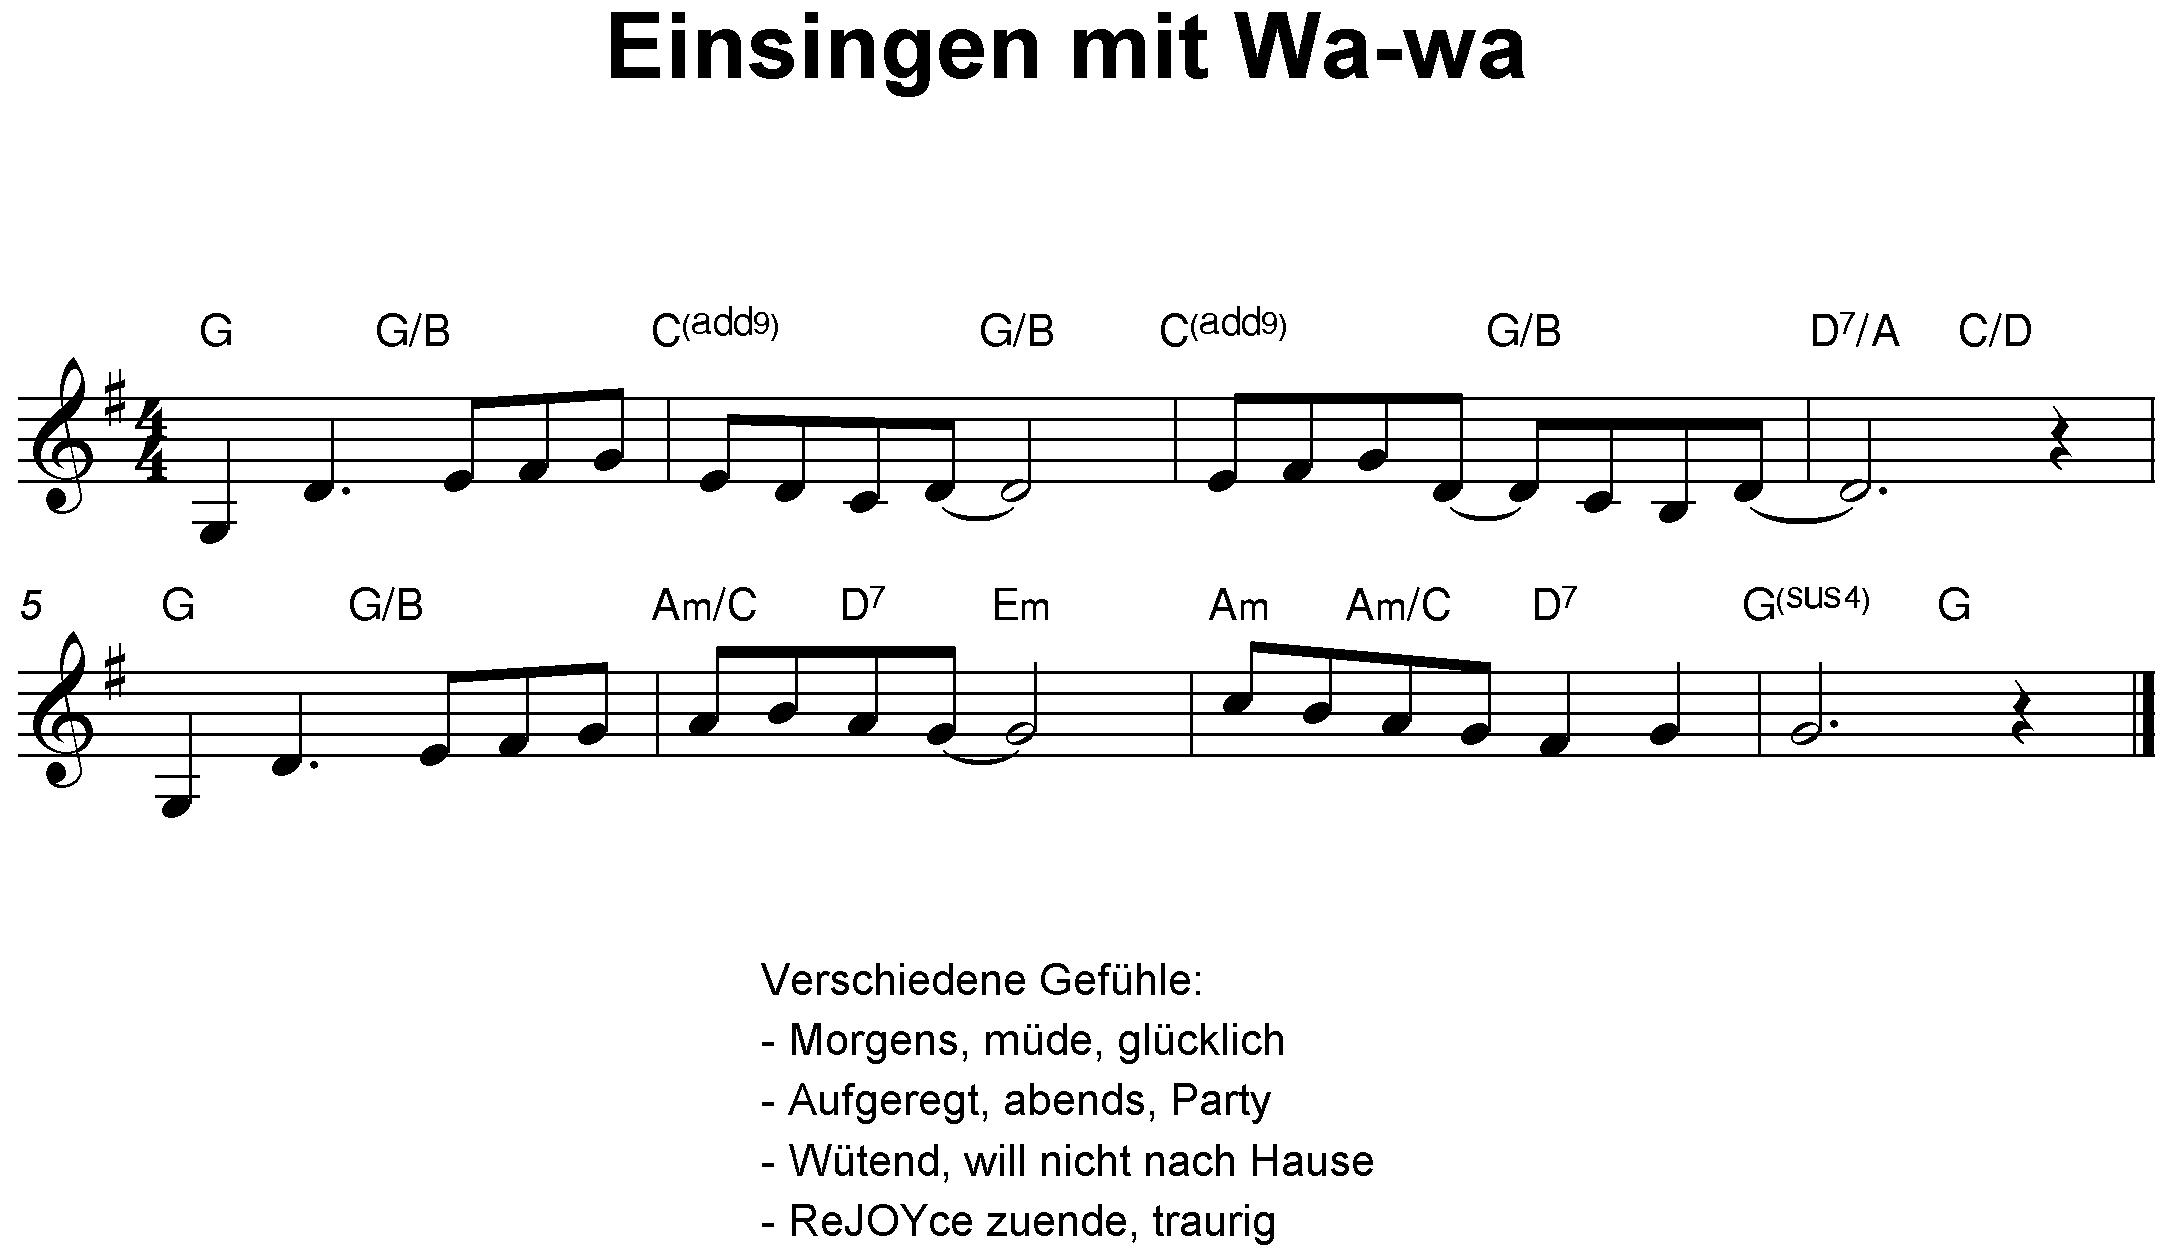 Einsingen mit Wa-wa